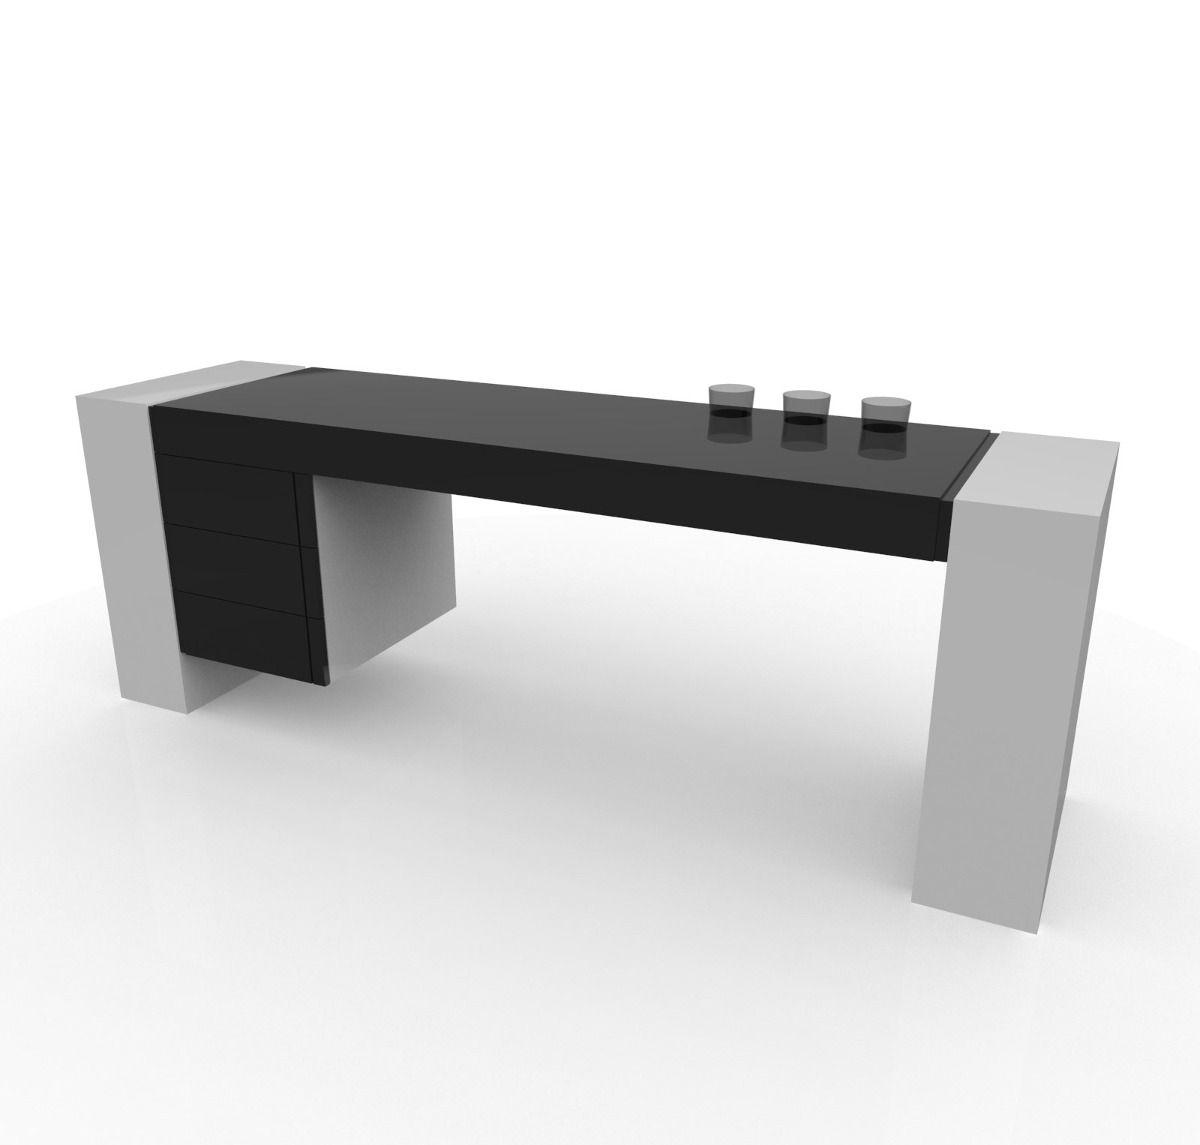 Escritorio ejecutivo escritorios modernos escritorio for Diseno de muebles de oficina modernos